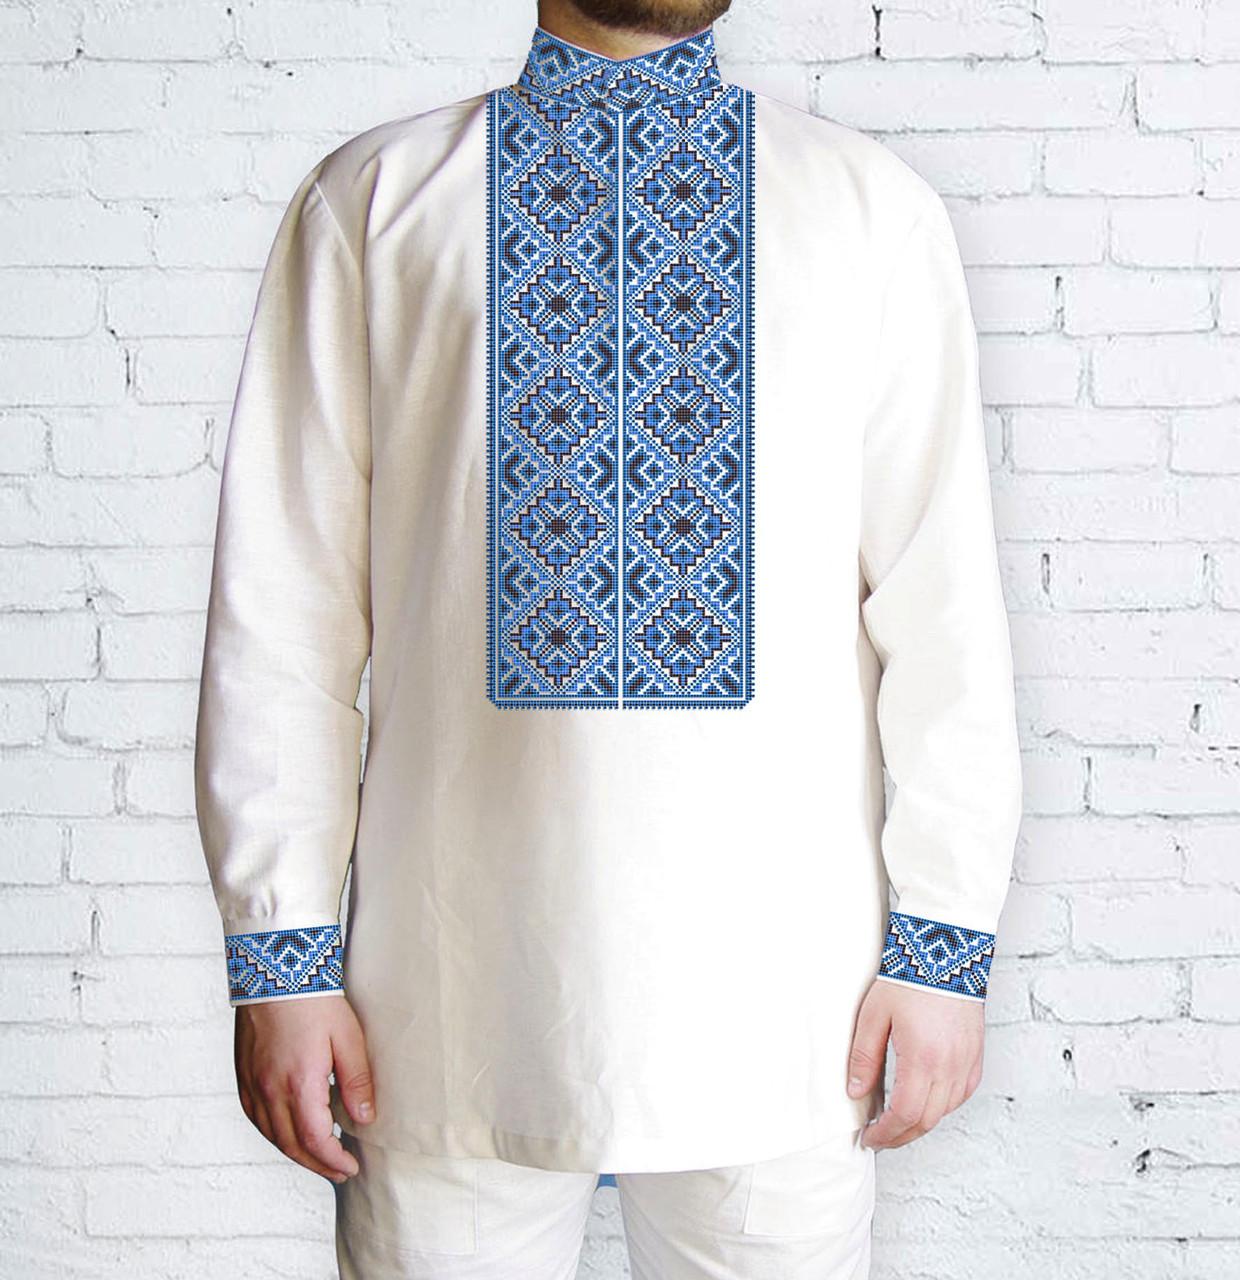 Заготовка чоловічої сорочки та вишиванки для вишивки чи вишивання бісером Бисерок «Ромби голубі» (Ч-508 Г )